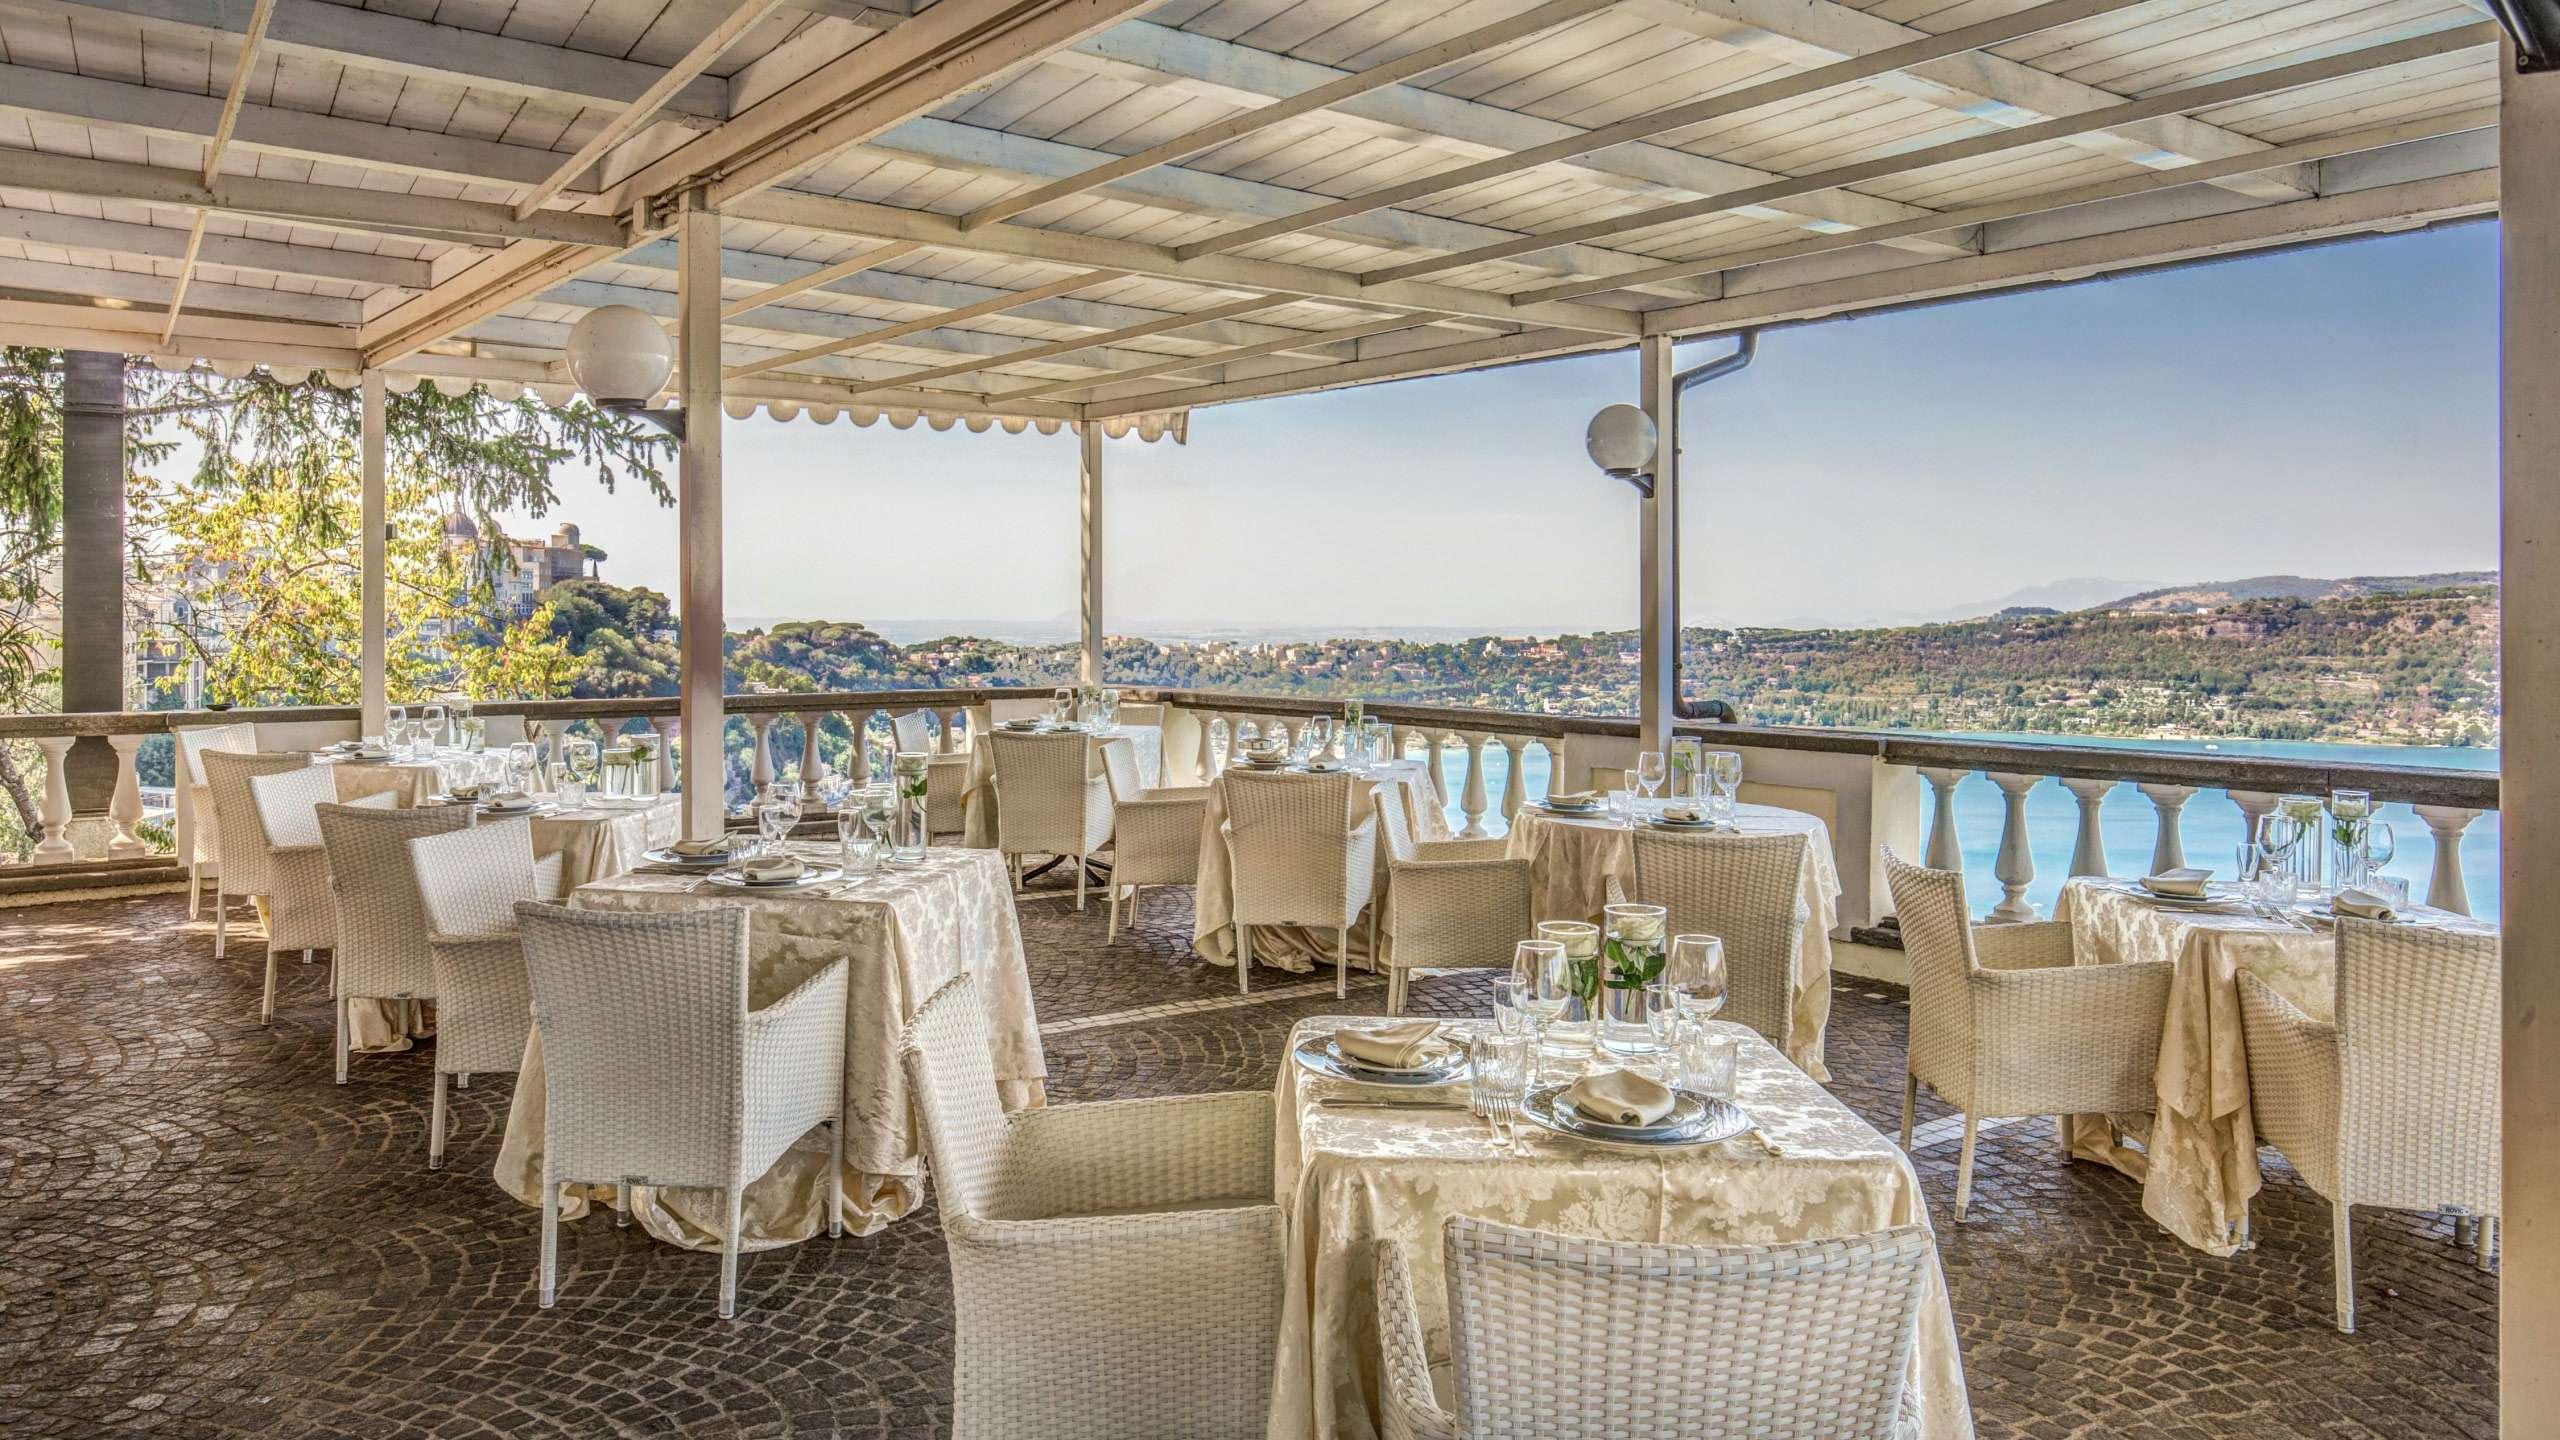 Hotel-Castelvecchio-Castel-Gandolfo-restaurant-16